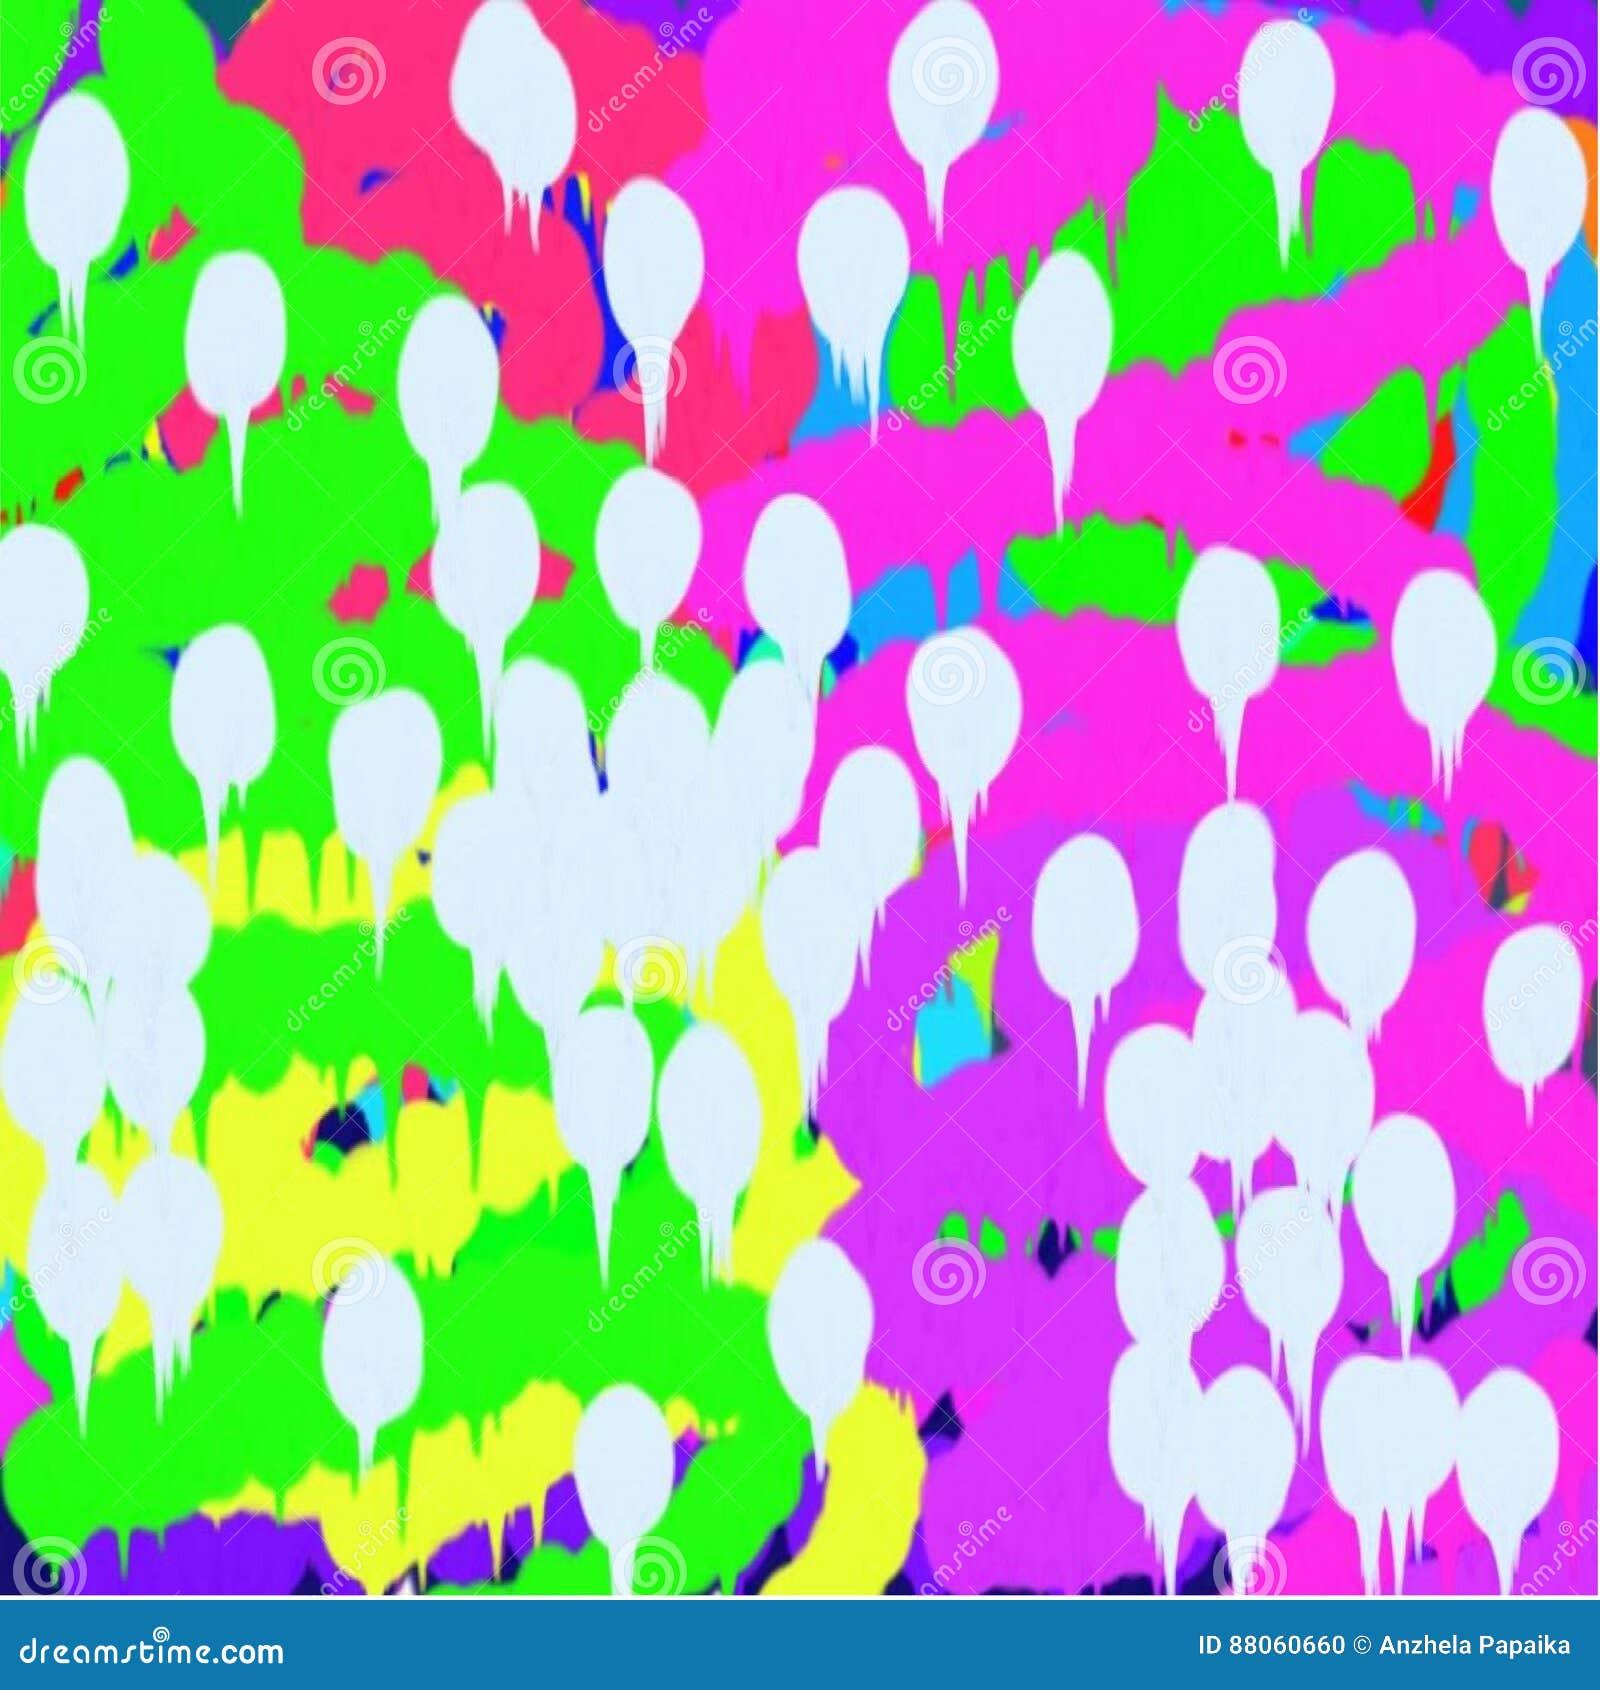 Fond des lignes vertes et bleues et roses et taches blanches de peinture débordante diffuse